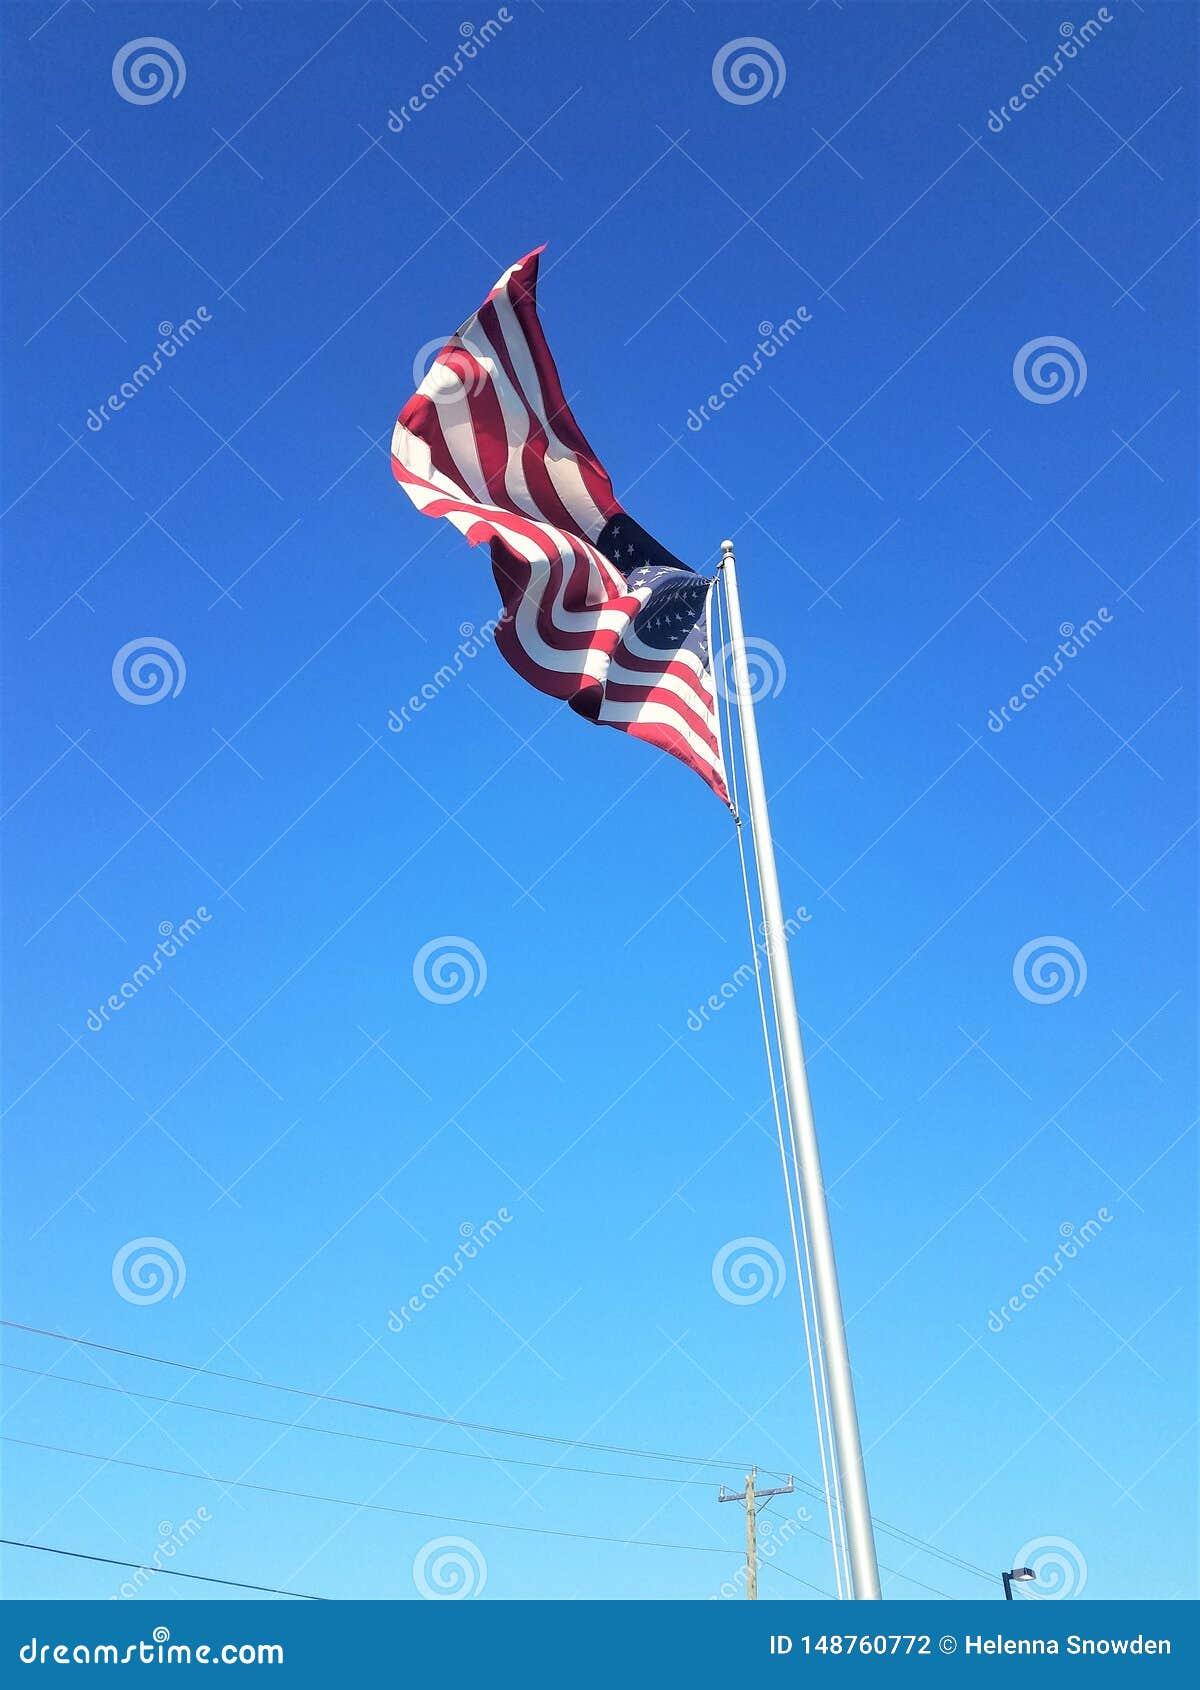 Αμερικανική σημαία που κυματίζει στον αέρα μπροστά από έναν μπλε ουρανό